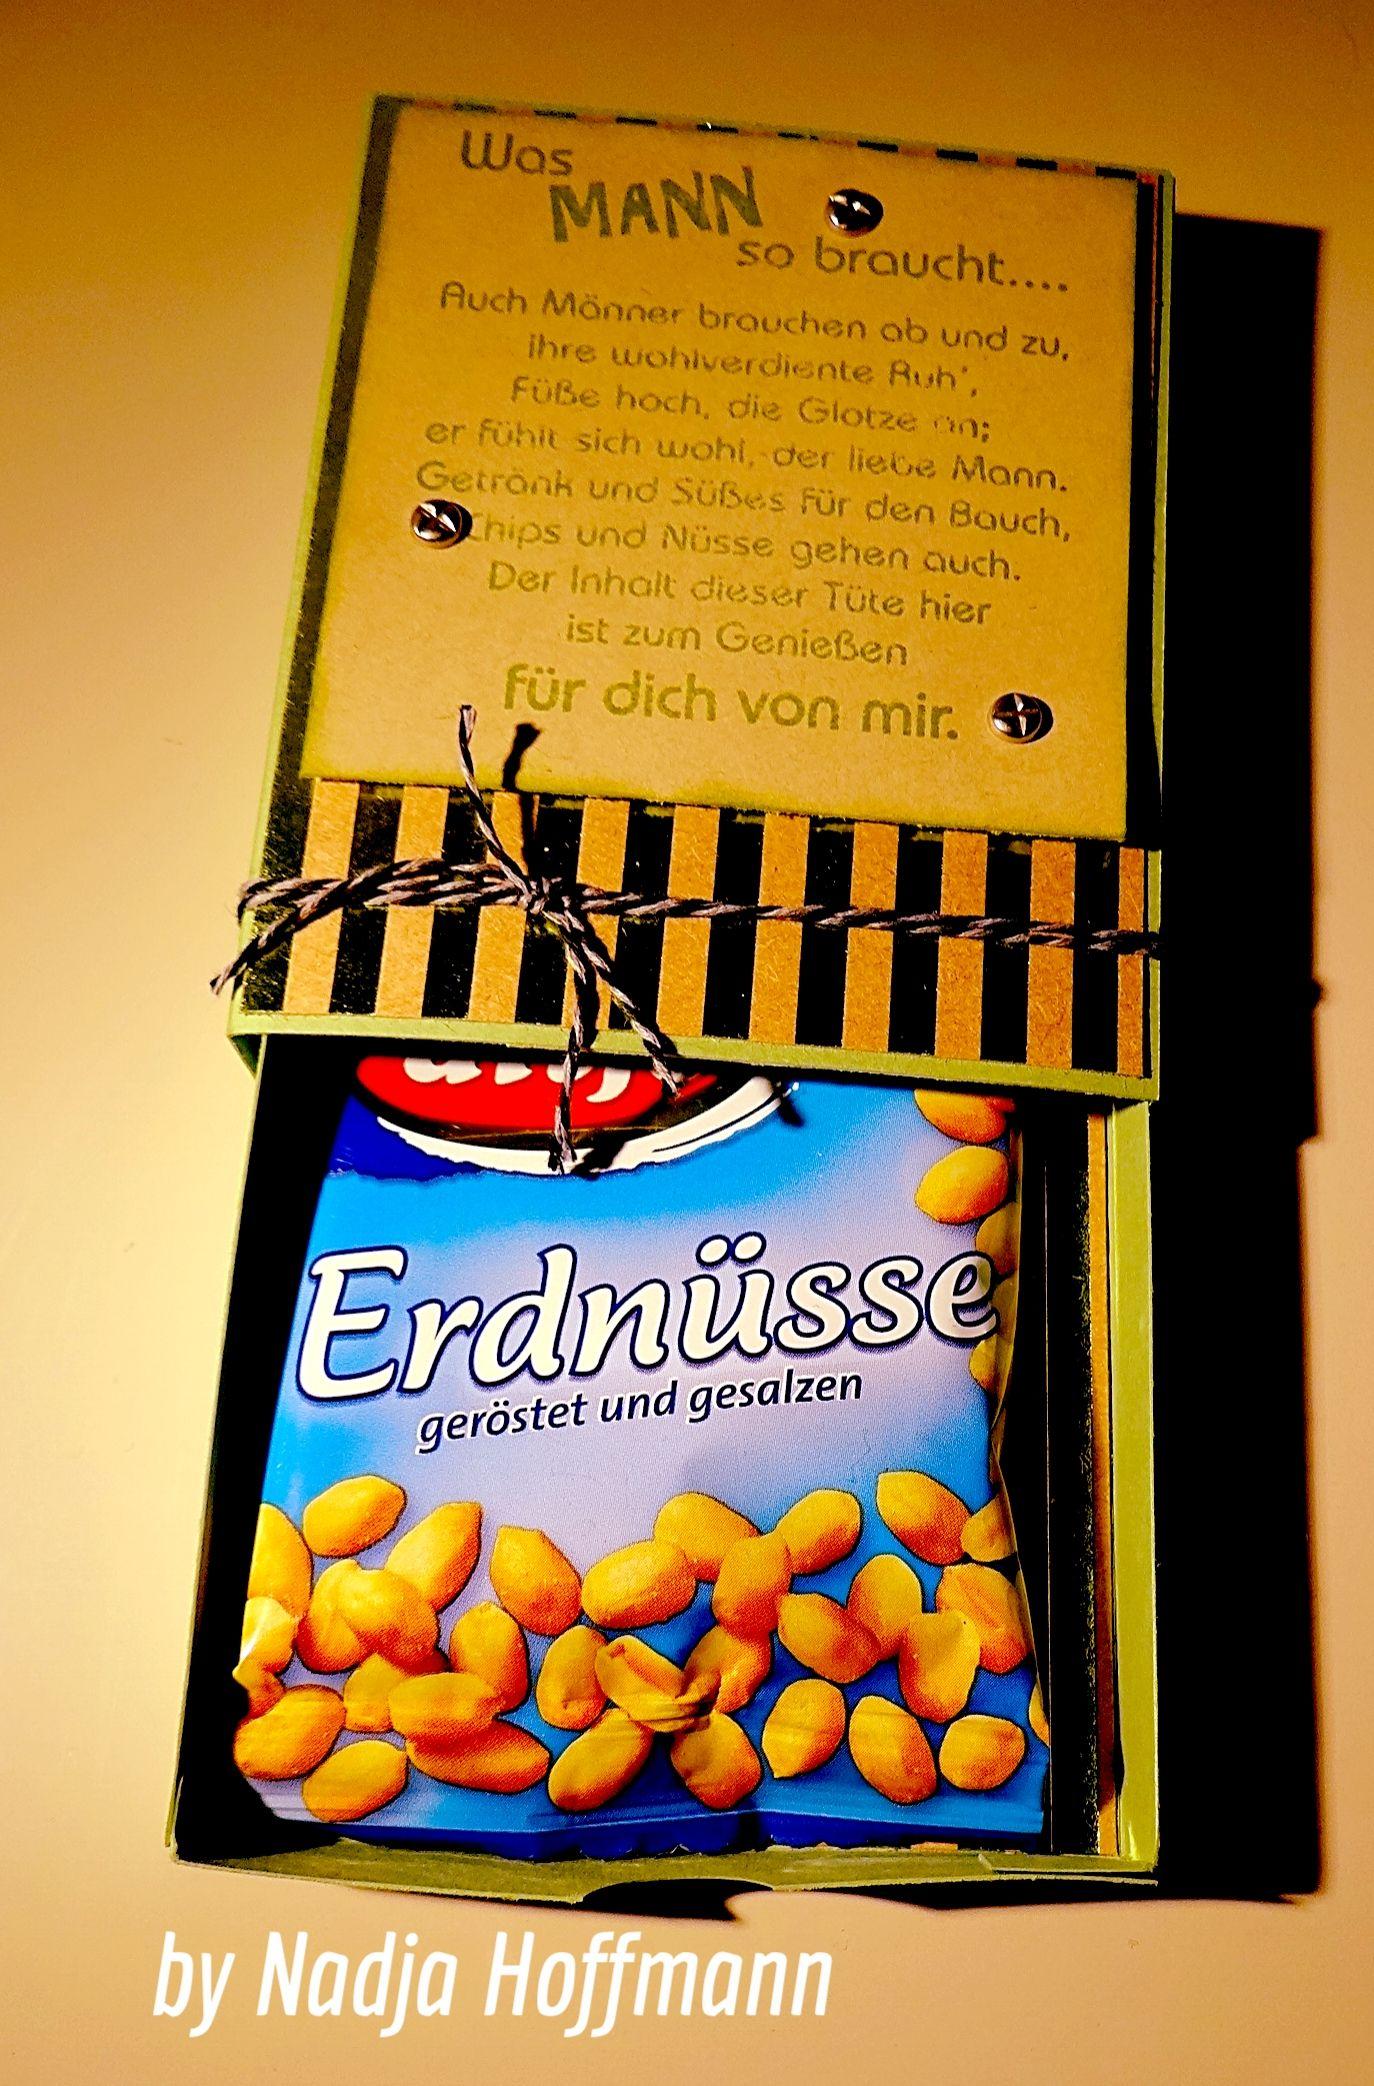 Erdnüsse \